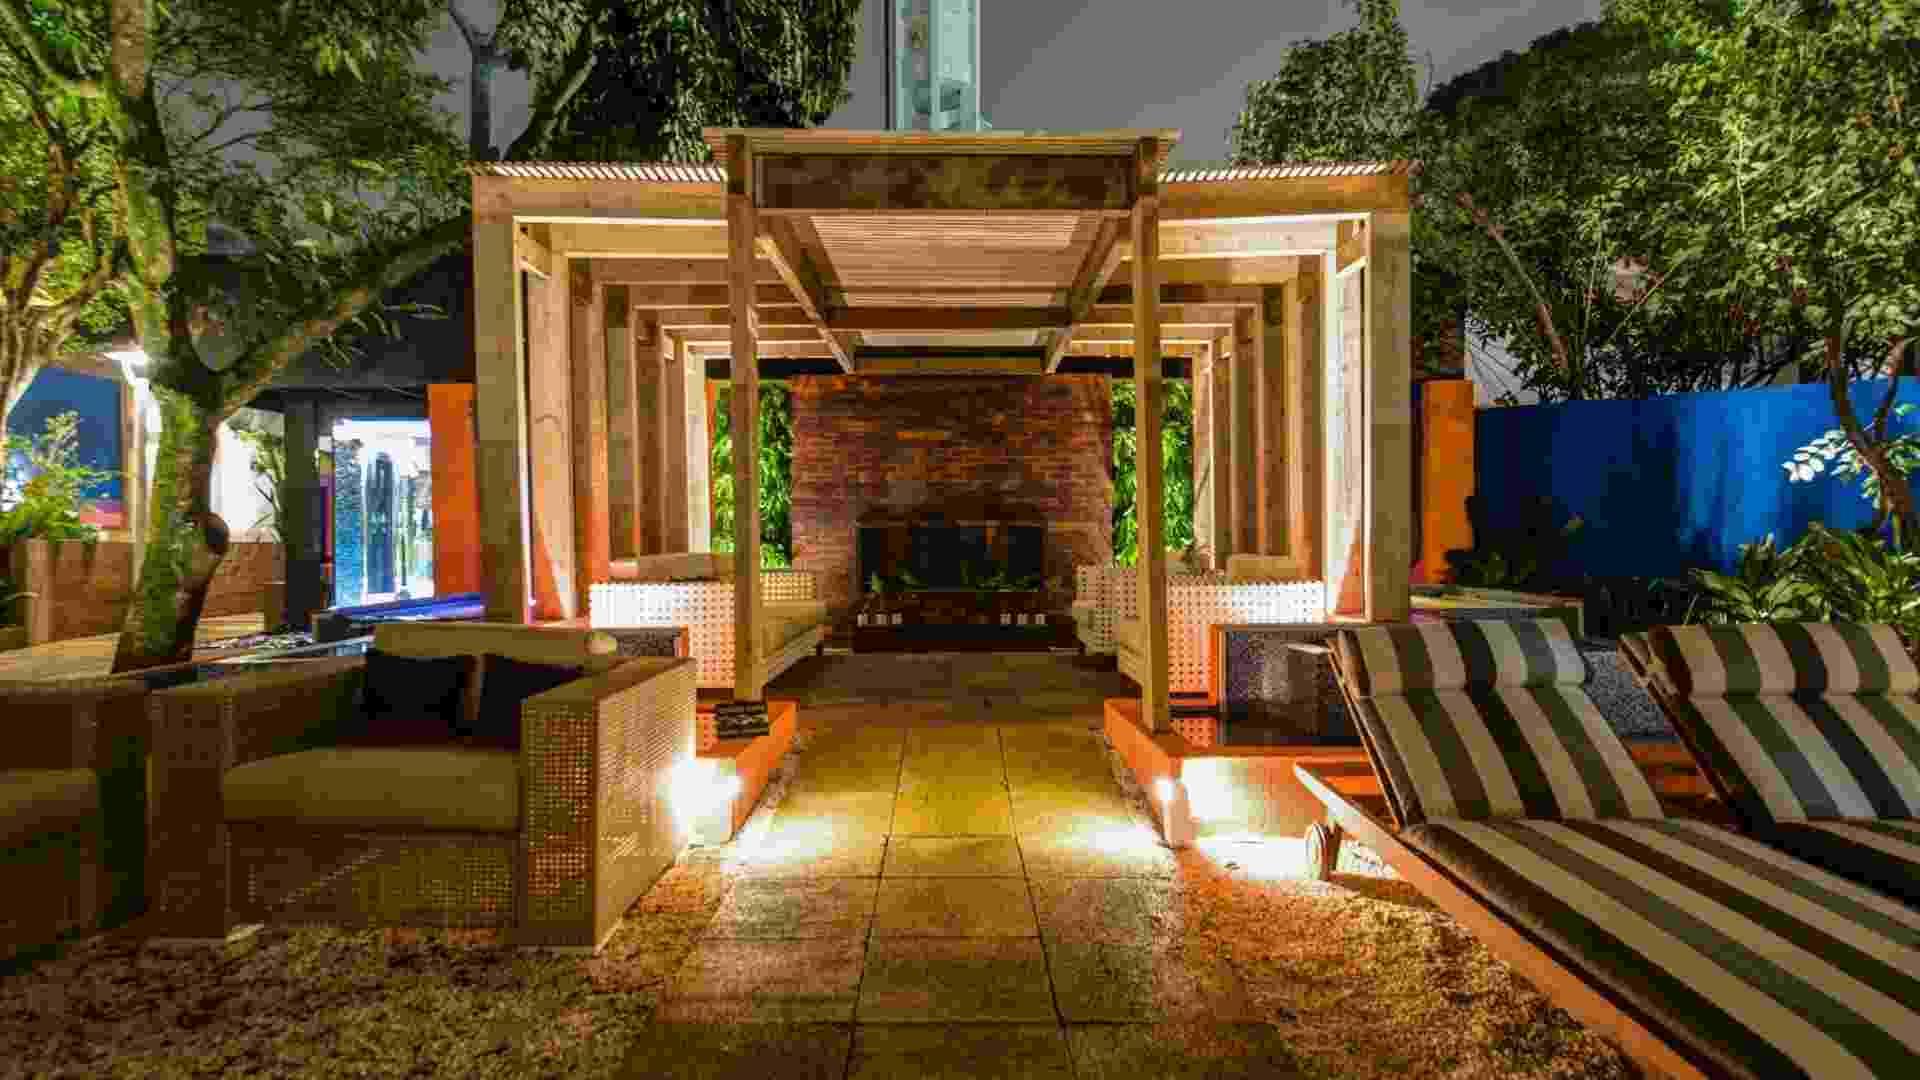 Casa Cor SP 2012: Jardim das Casas, projetado pelo arquiteto Ronaldo Kurita - Kátia Kuwabara/ UOL